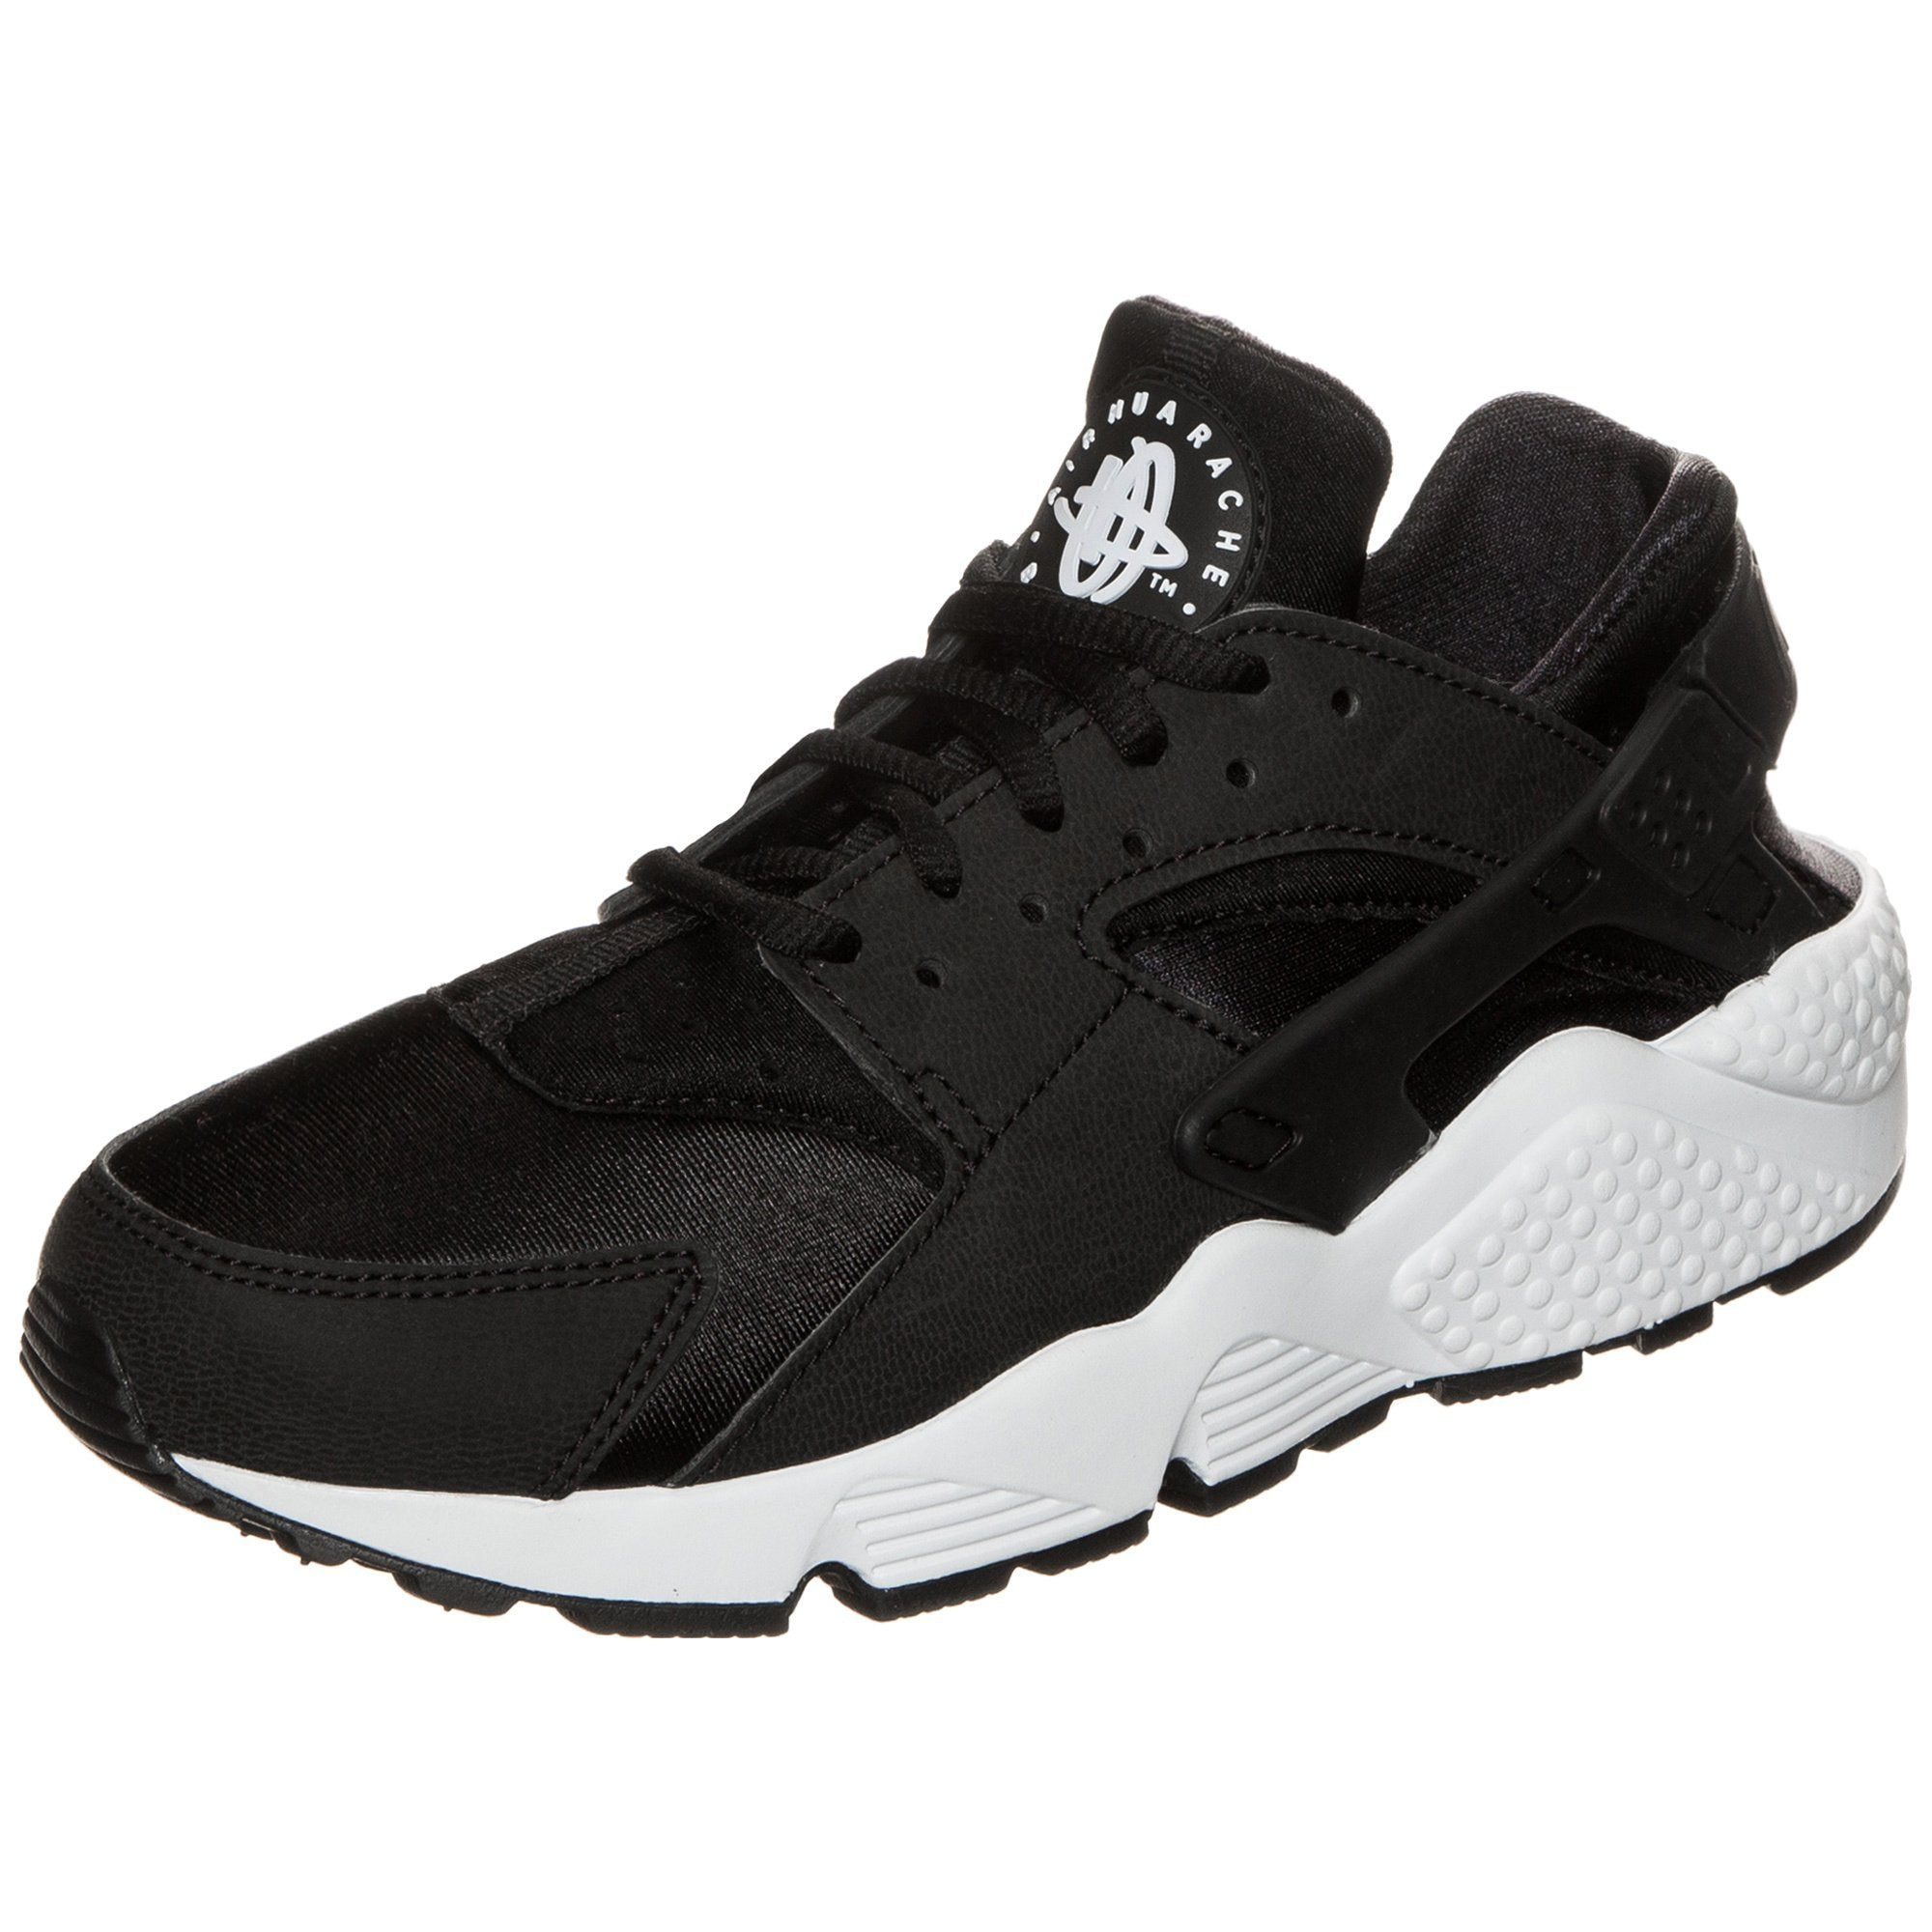 Nike Sportswear Sneaker Air Huarache Huarache Huarache per Rechnung | Gutes Preis-Leistungs-Verhältnis, es lohnt sich 767f81